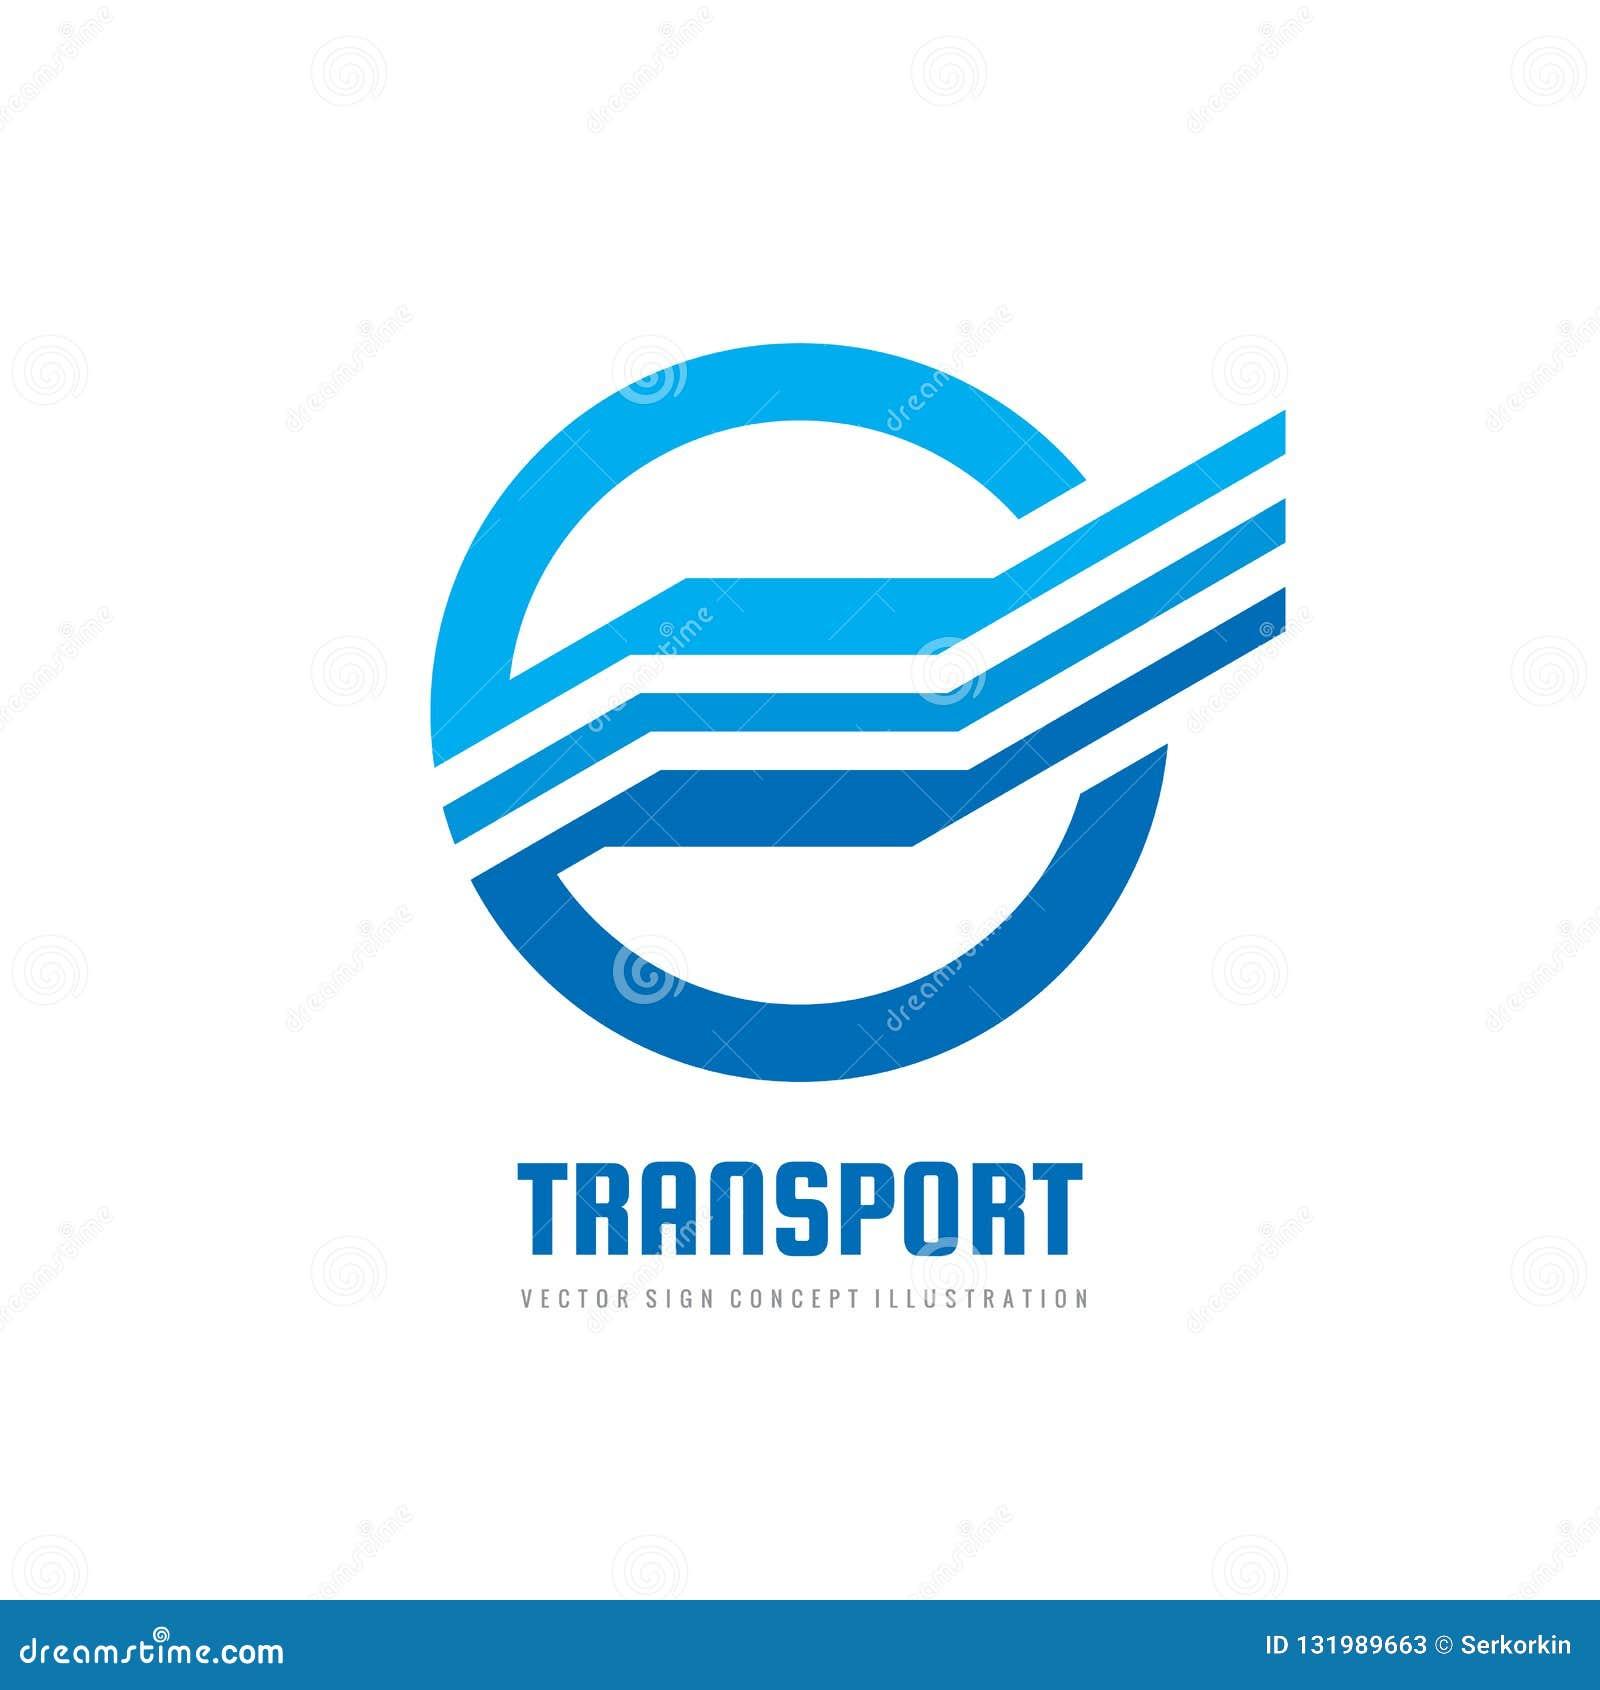 Geschwindigkeitsflügel - vector Logoschablonen-Konzeptillustration in der blauen Farbe Abstrakte Flügelform im kreativen Zeichen